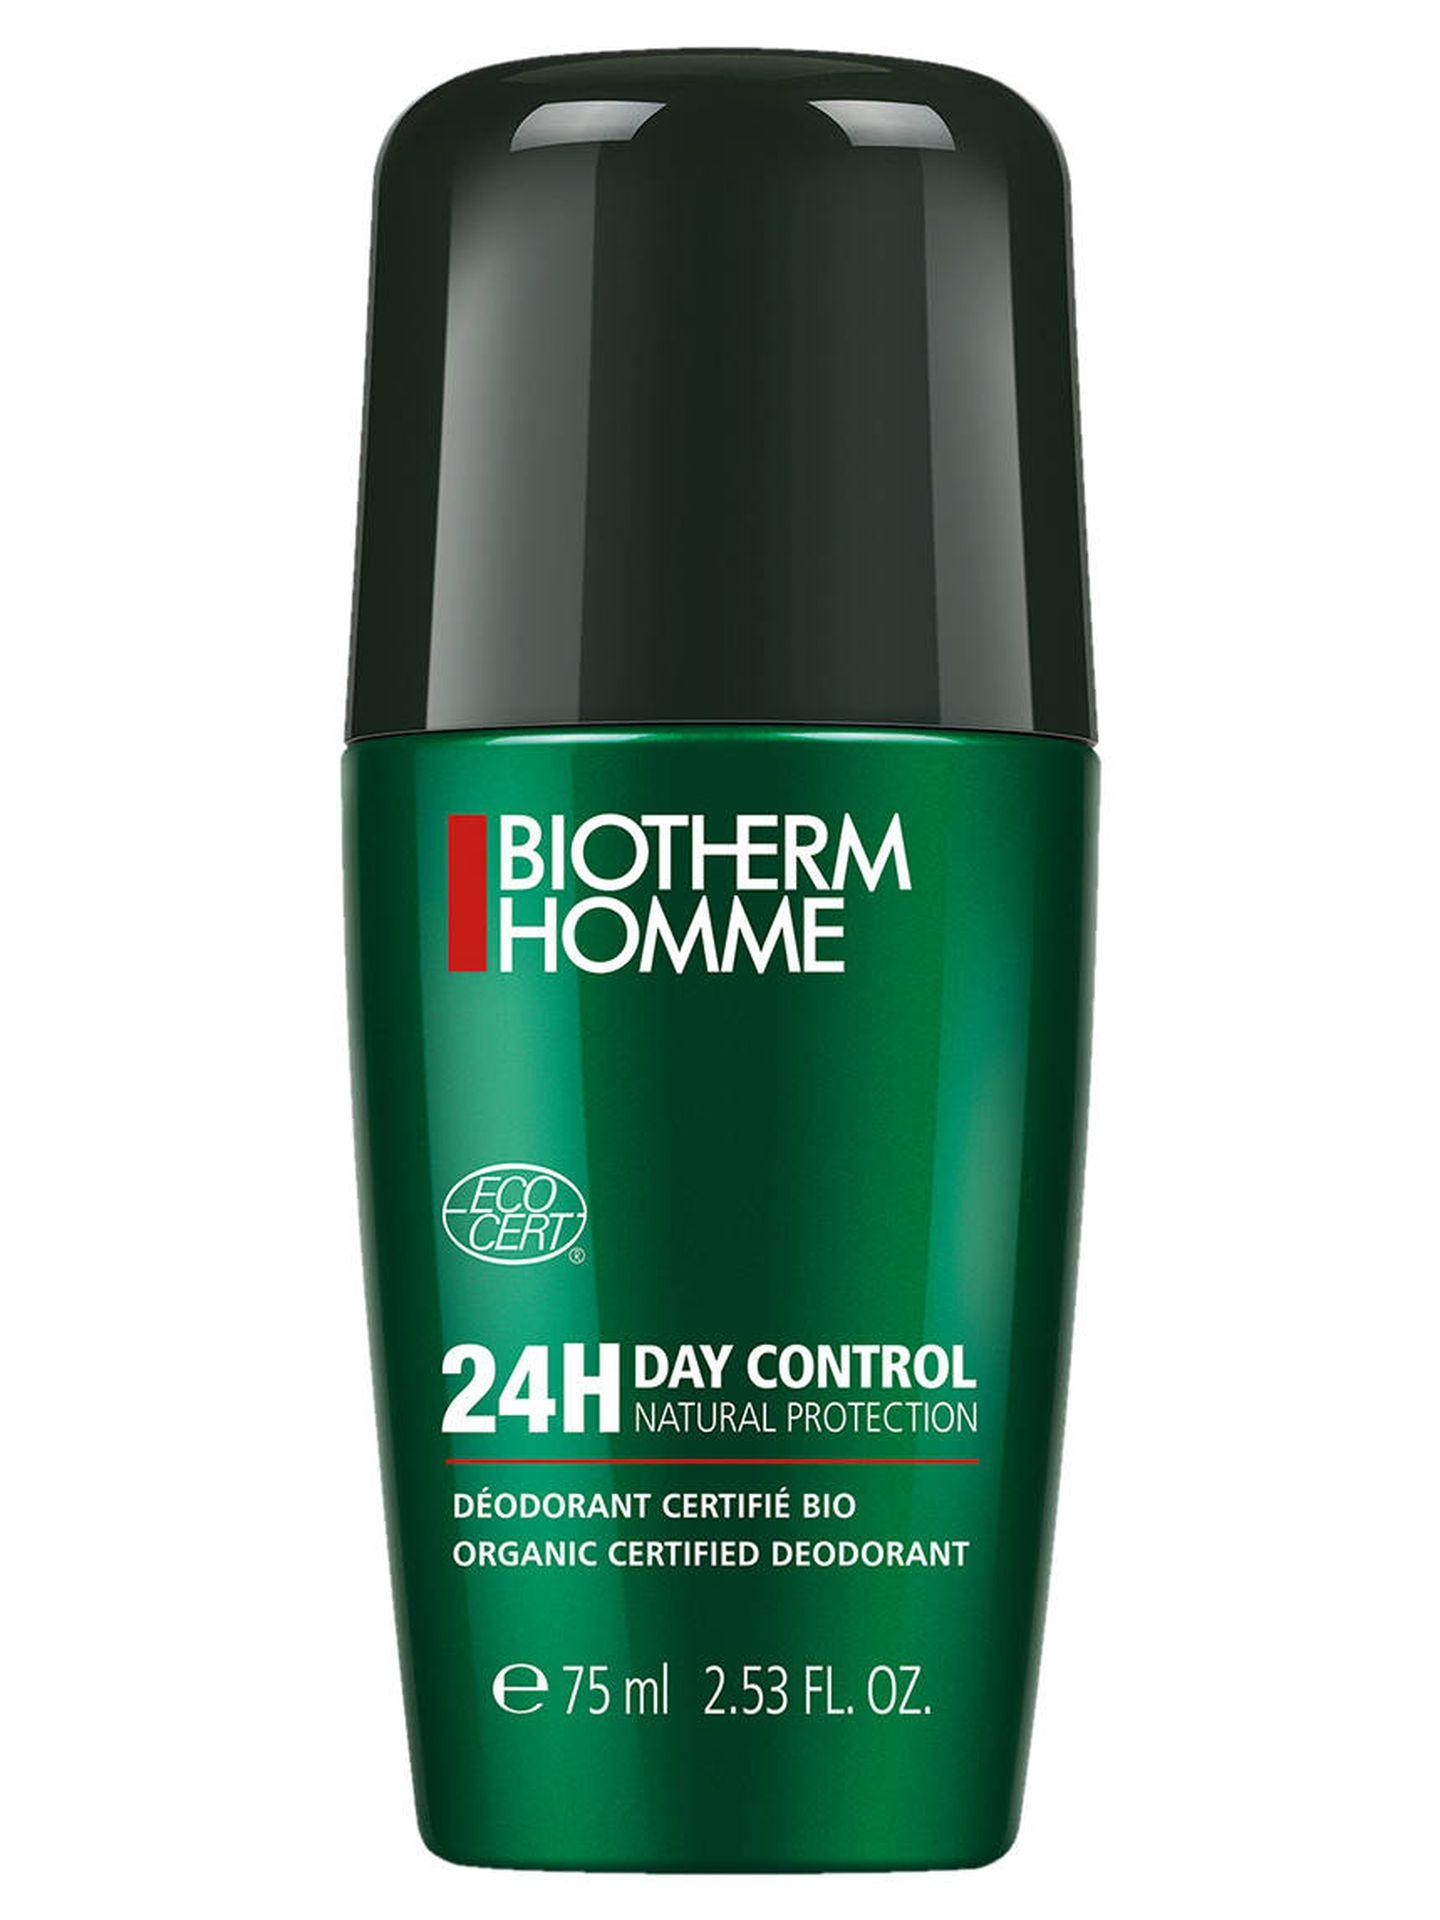 Desodorante 24h Day Control de Biotherm Homme